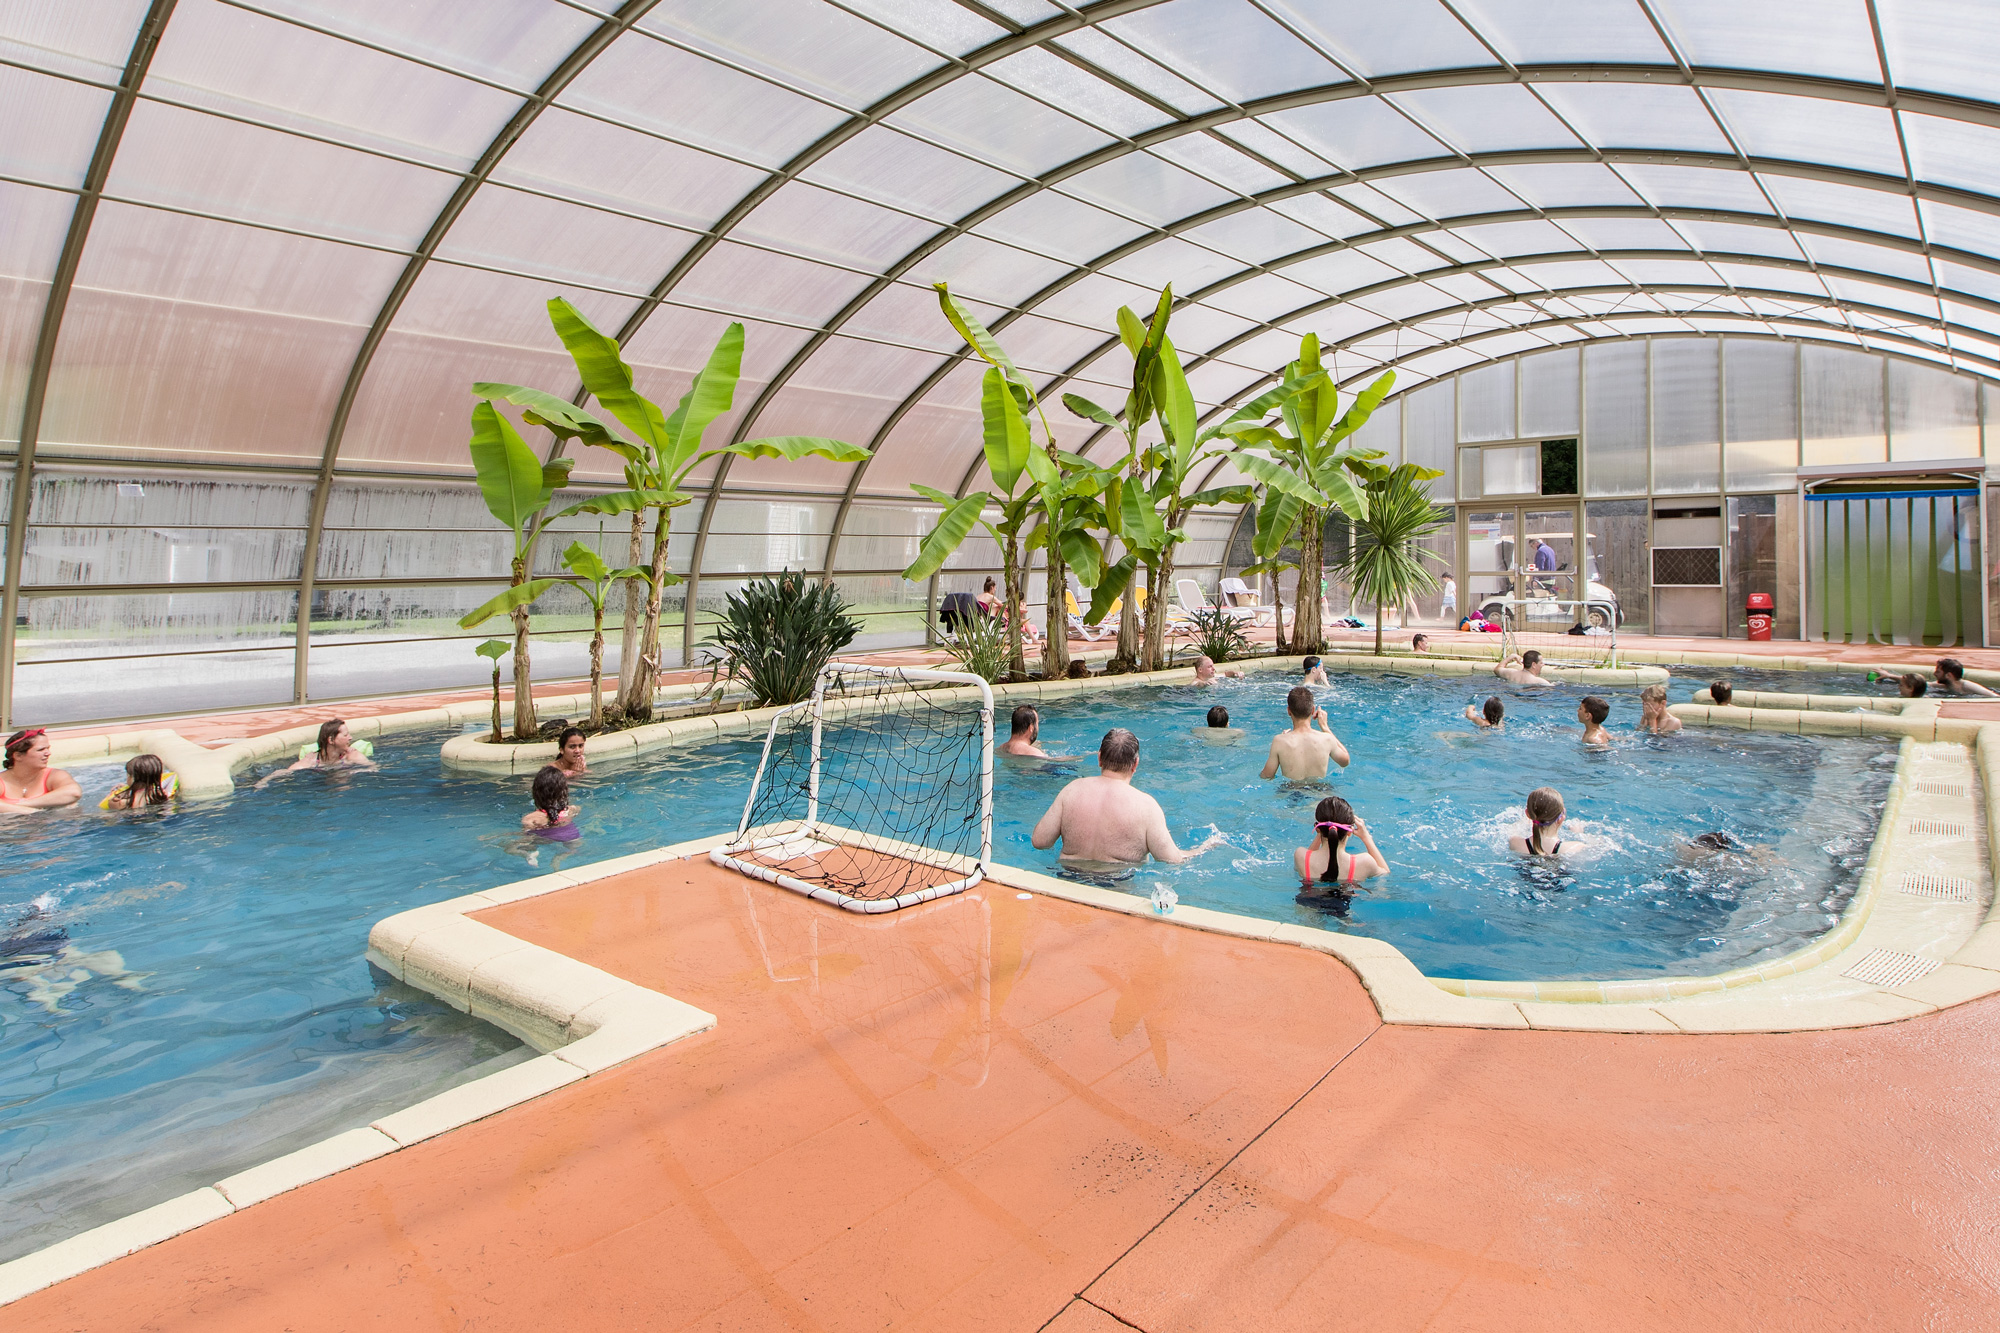 Camping piscine chauff e saint malo complexe aquatique for Camping brest piscine couverte